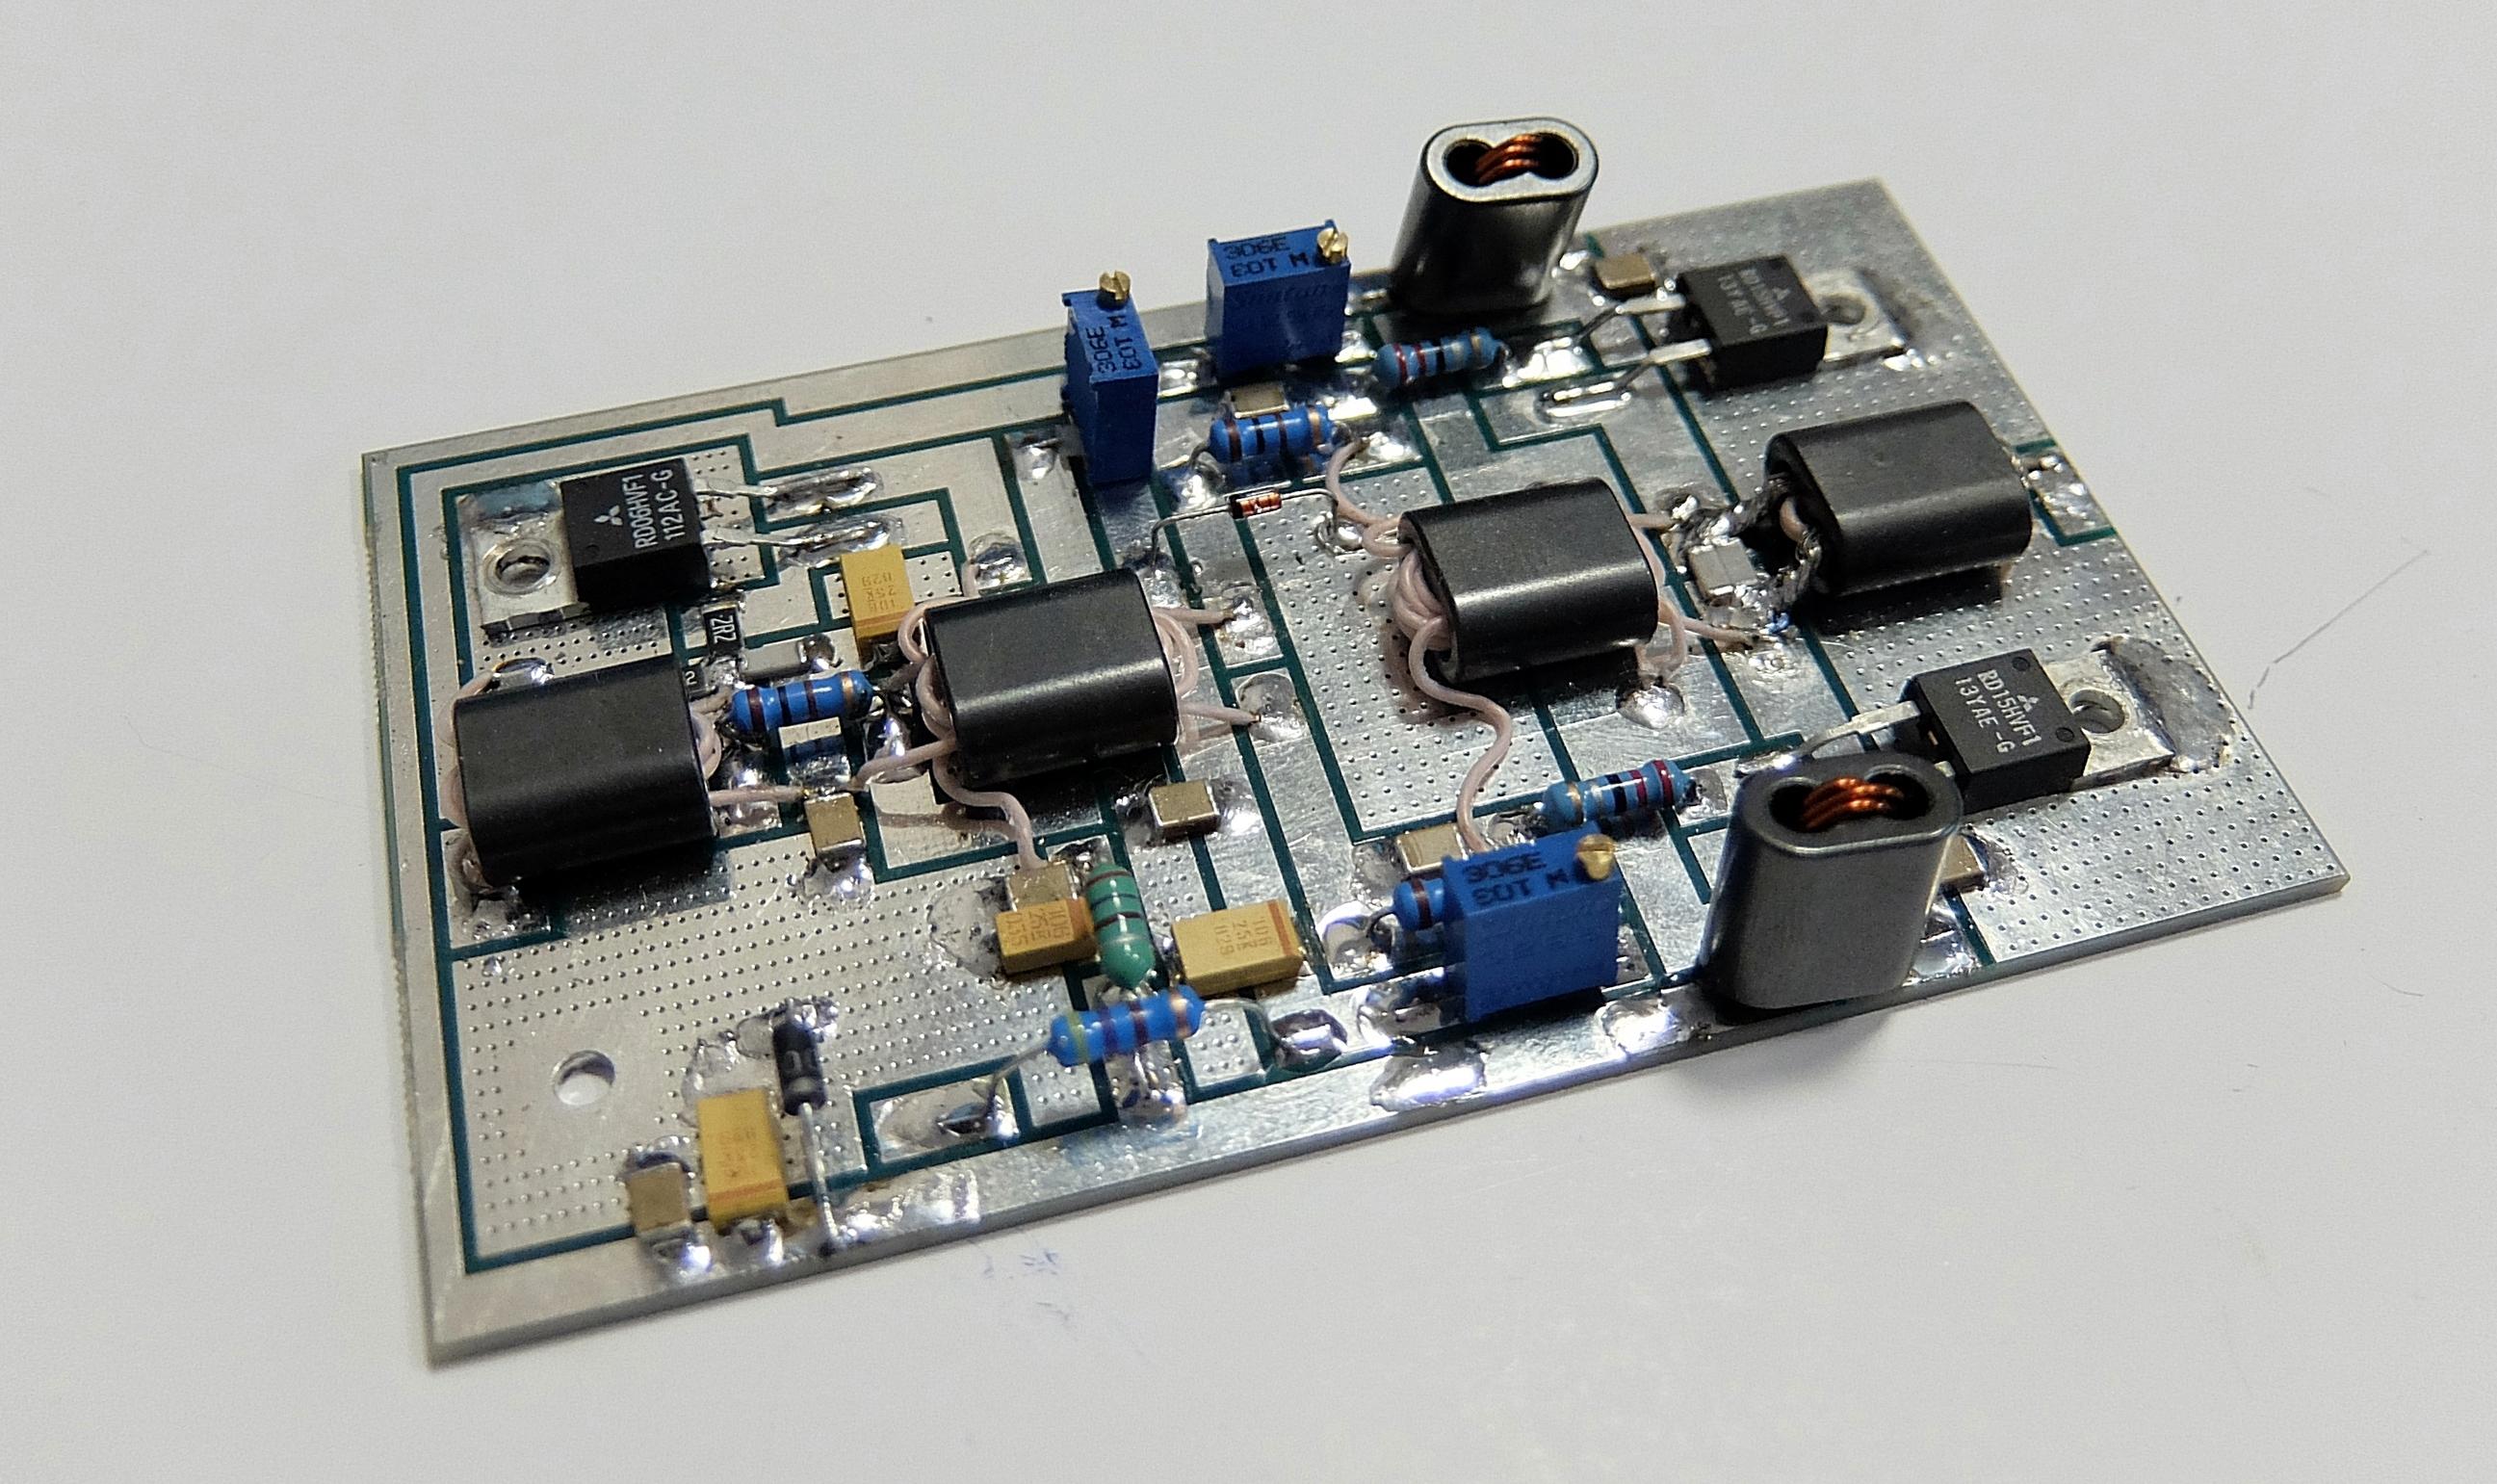 Ham Hf 6m Qrp Pa 10w 5w 2m Board And 600w Version For 15w Vhf Amplifier Dscf11312593x1541 226 Mb